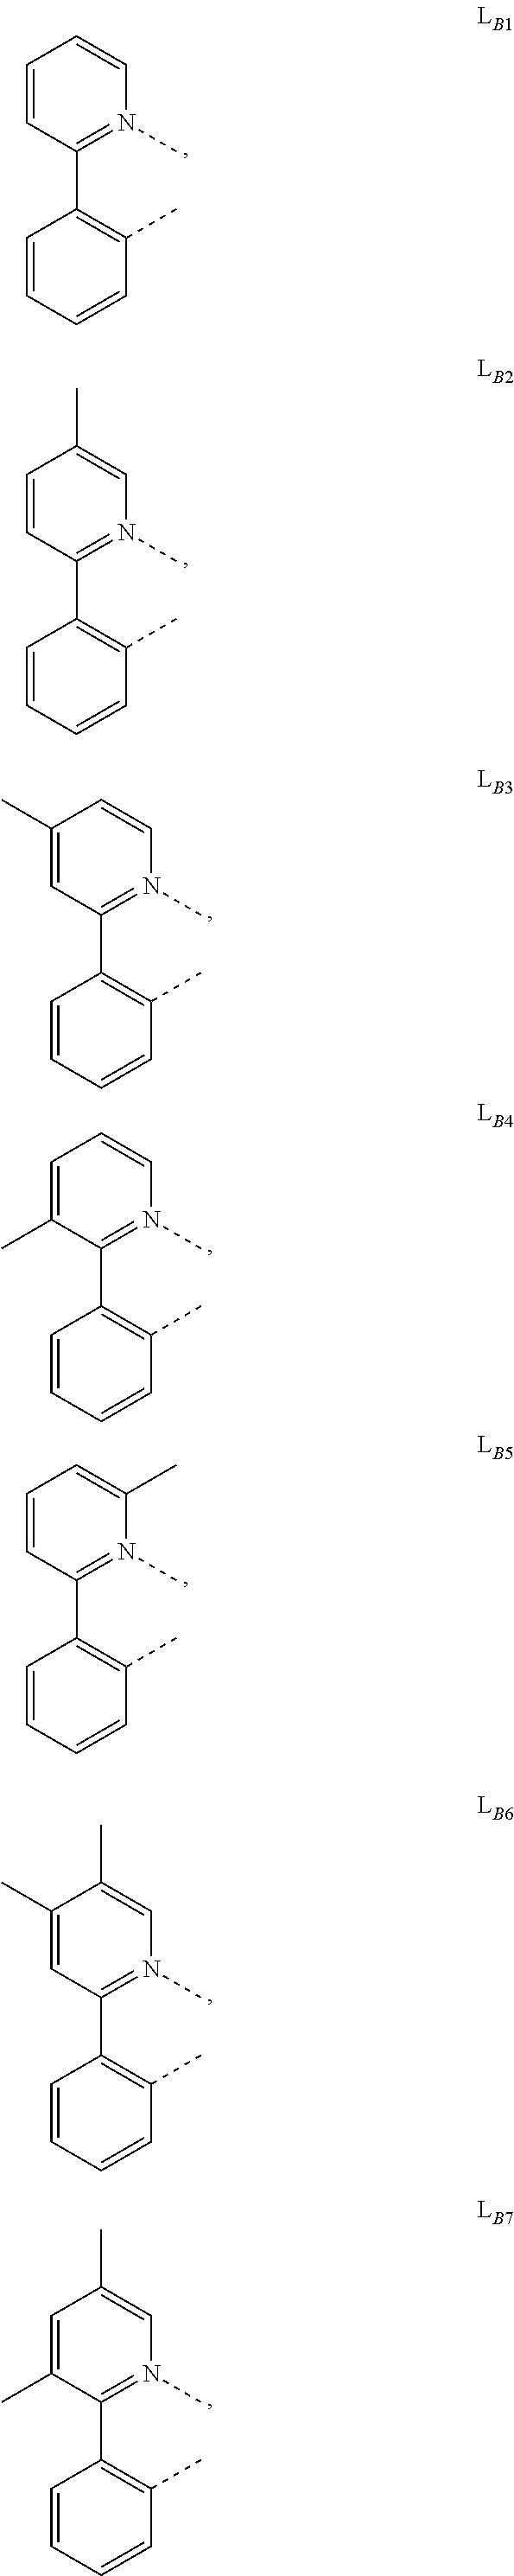 Figure US09691993-20170627-C00295